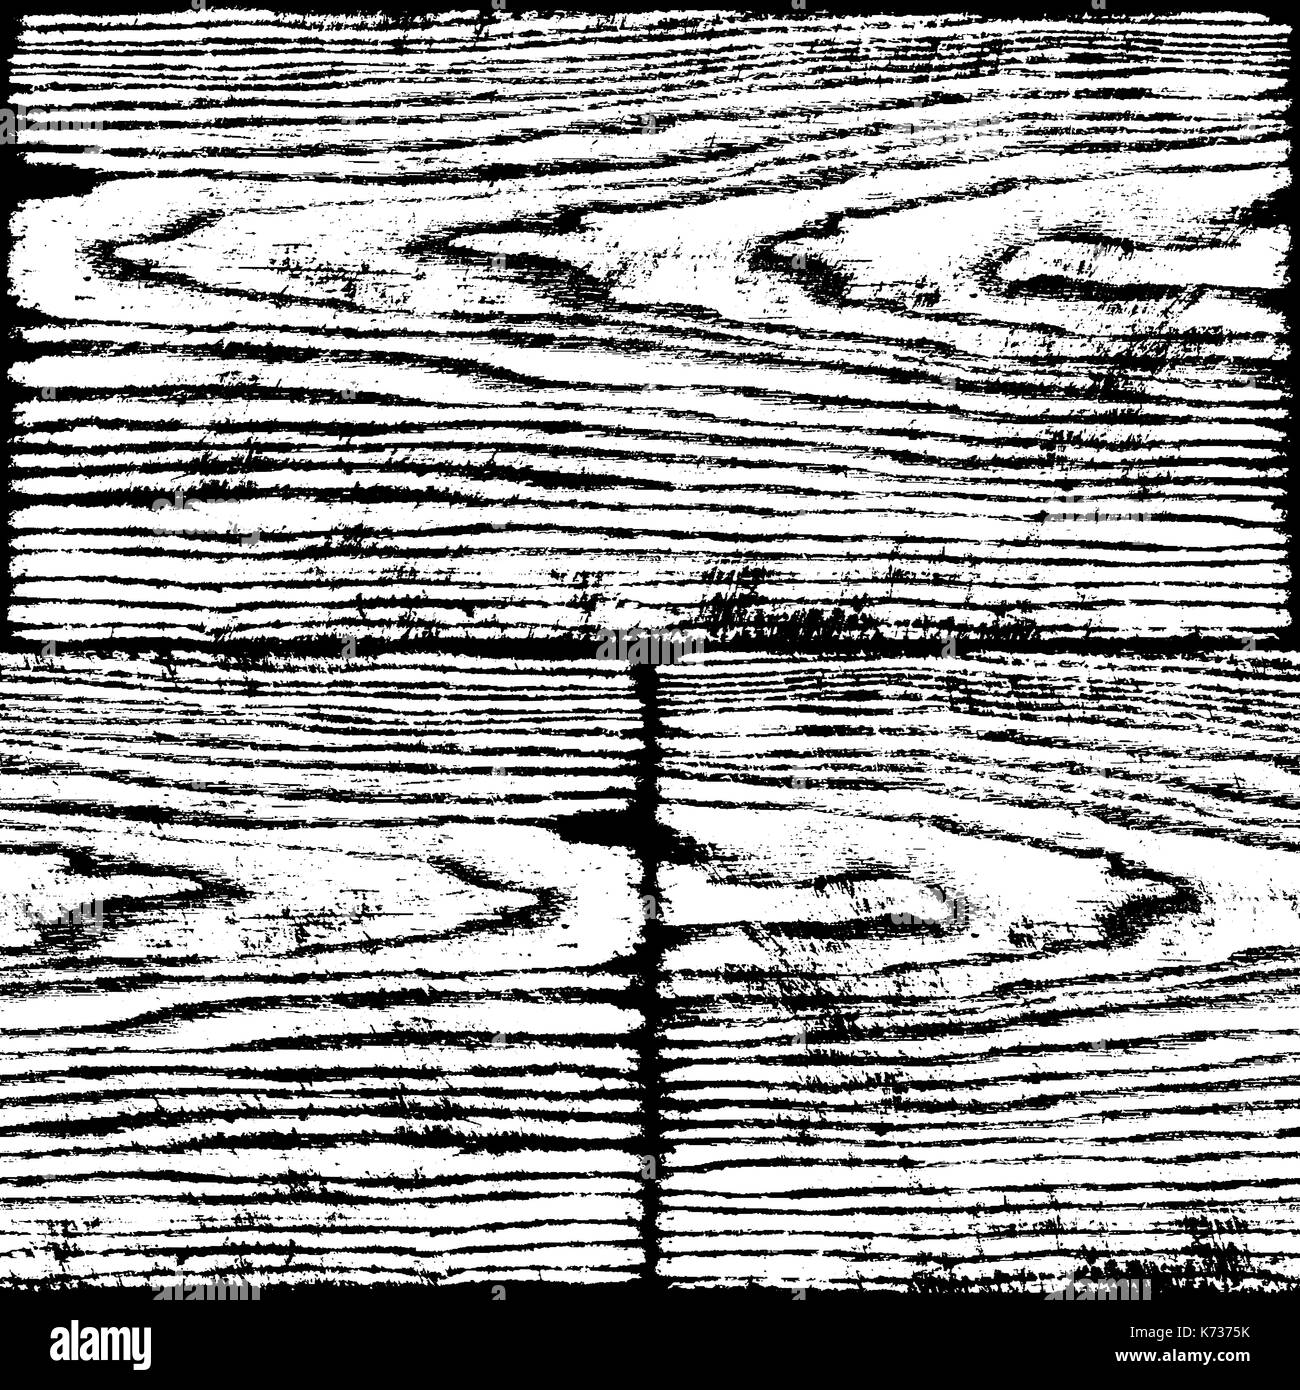 Realistische Holz Textur Hintergrund Plank Mit Jährlichen Jahre